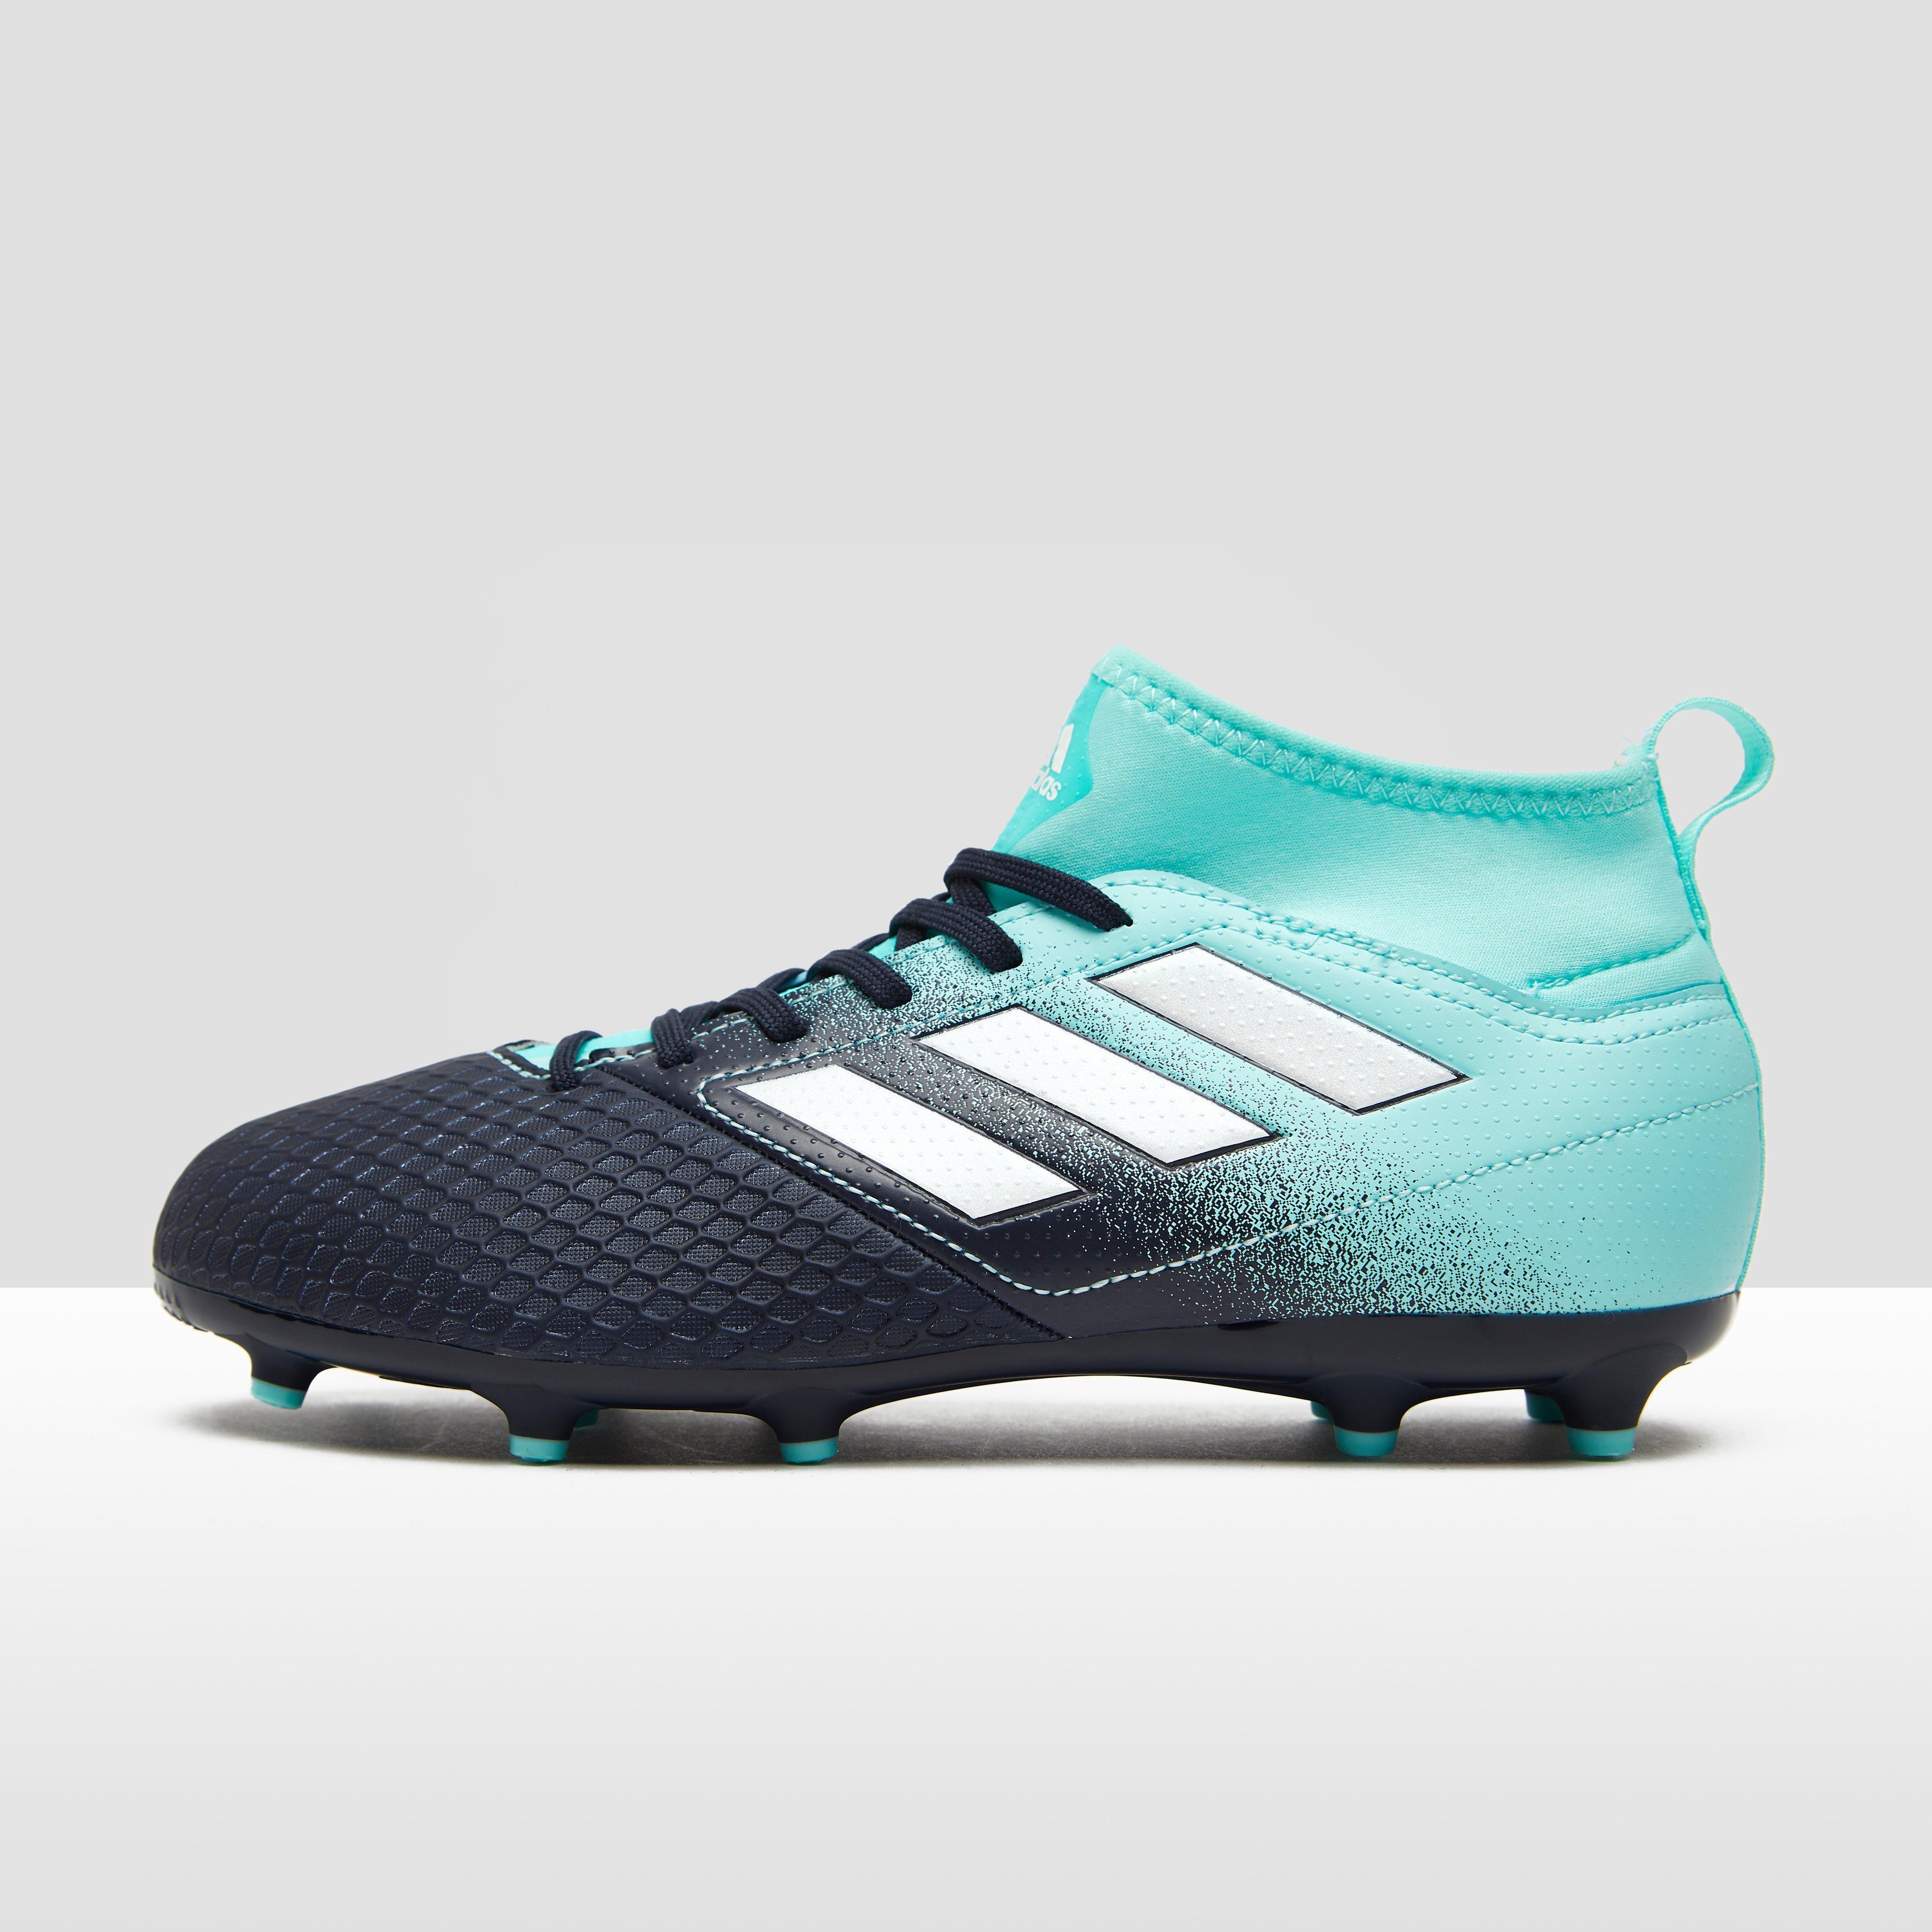 Ace Adidas Soccer Masculin 17,3 Fg - Bleu - 43 1/3 Ue